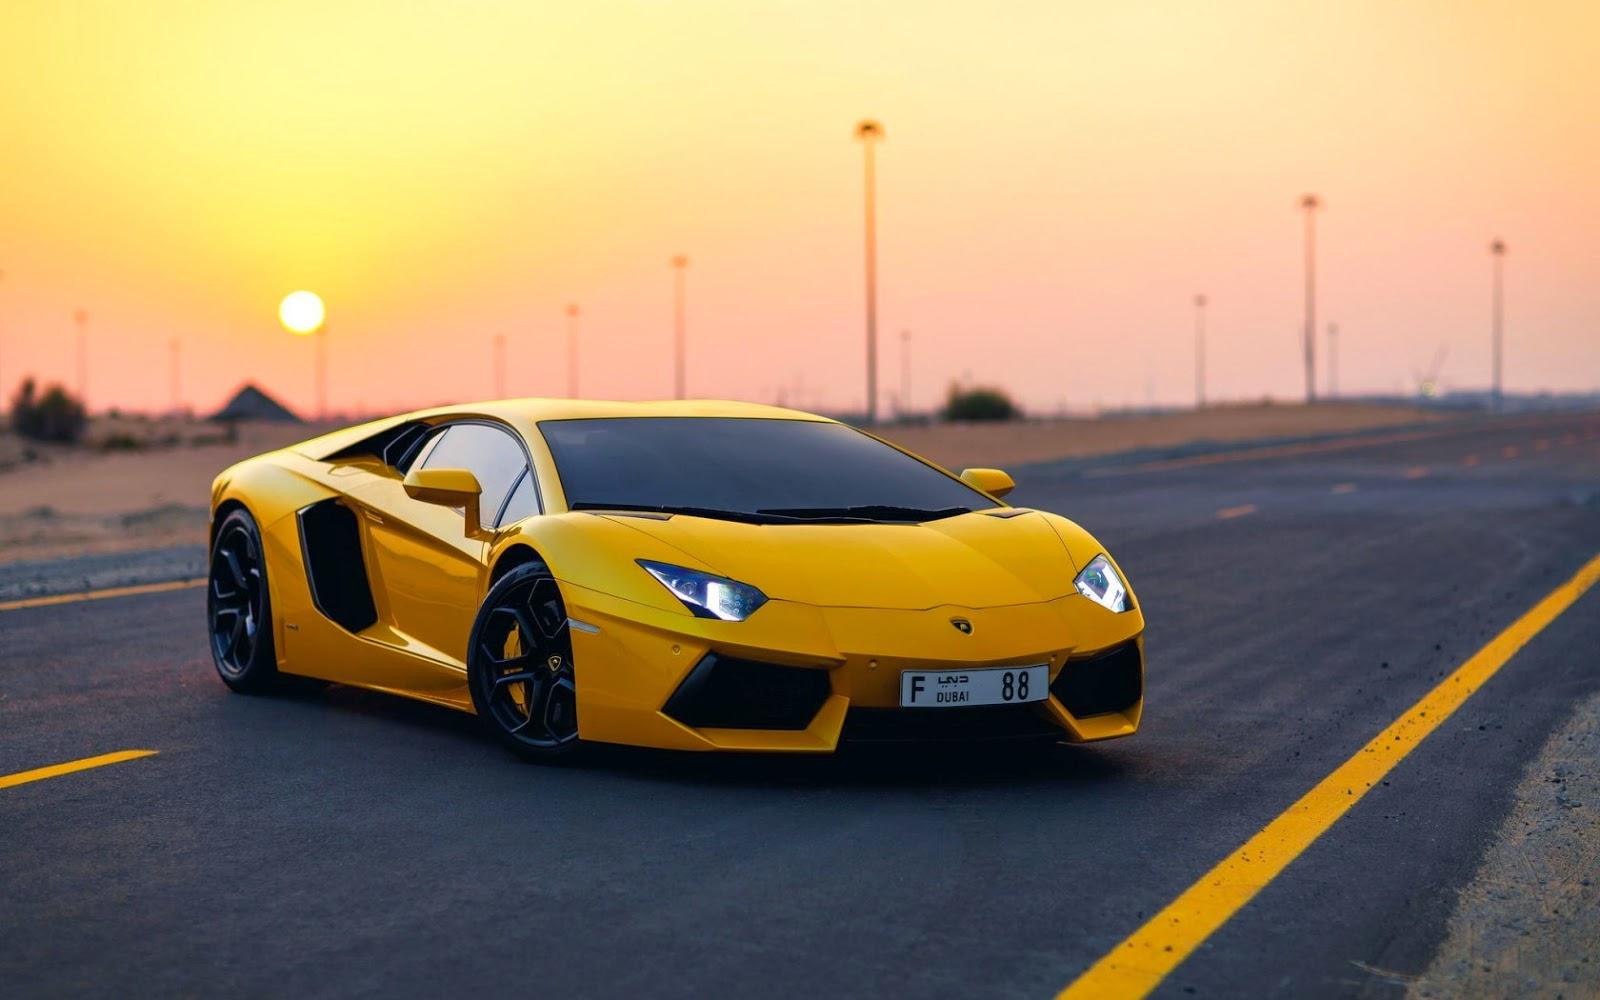 Koleksi Ide 69 Gambar Modifikasi Mobil Mewah Warna Kuning Terbaru Dan Terlengkap Ladang Mobil